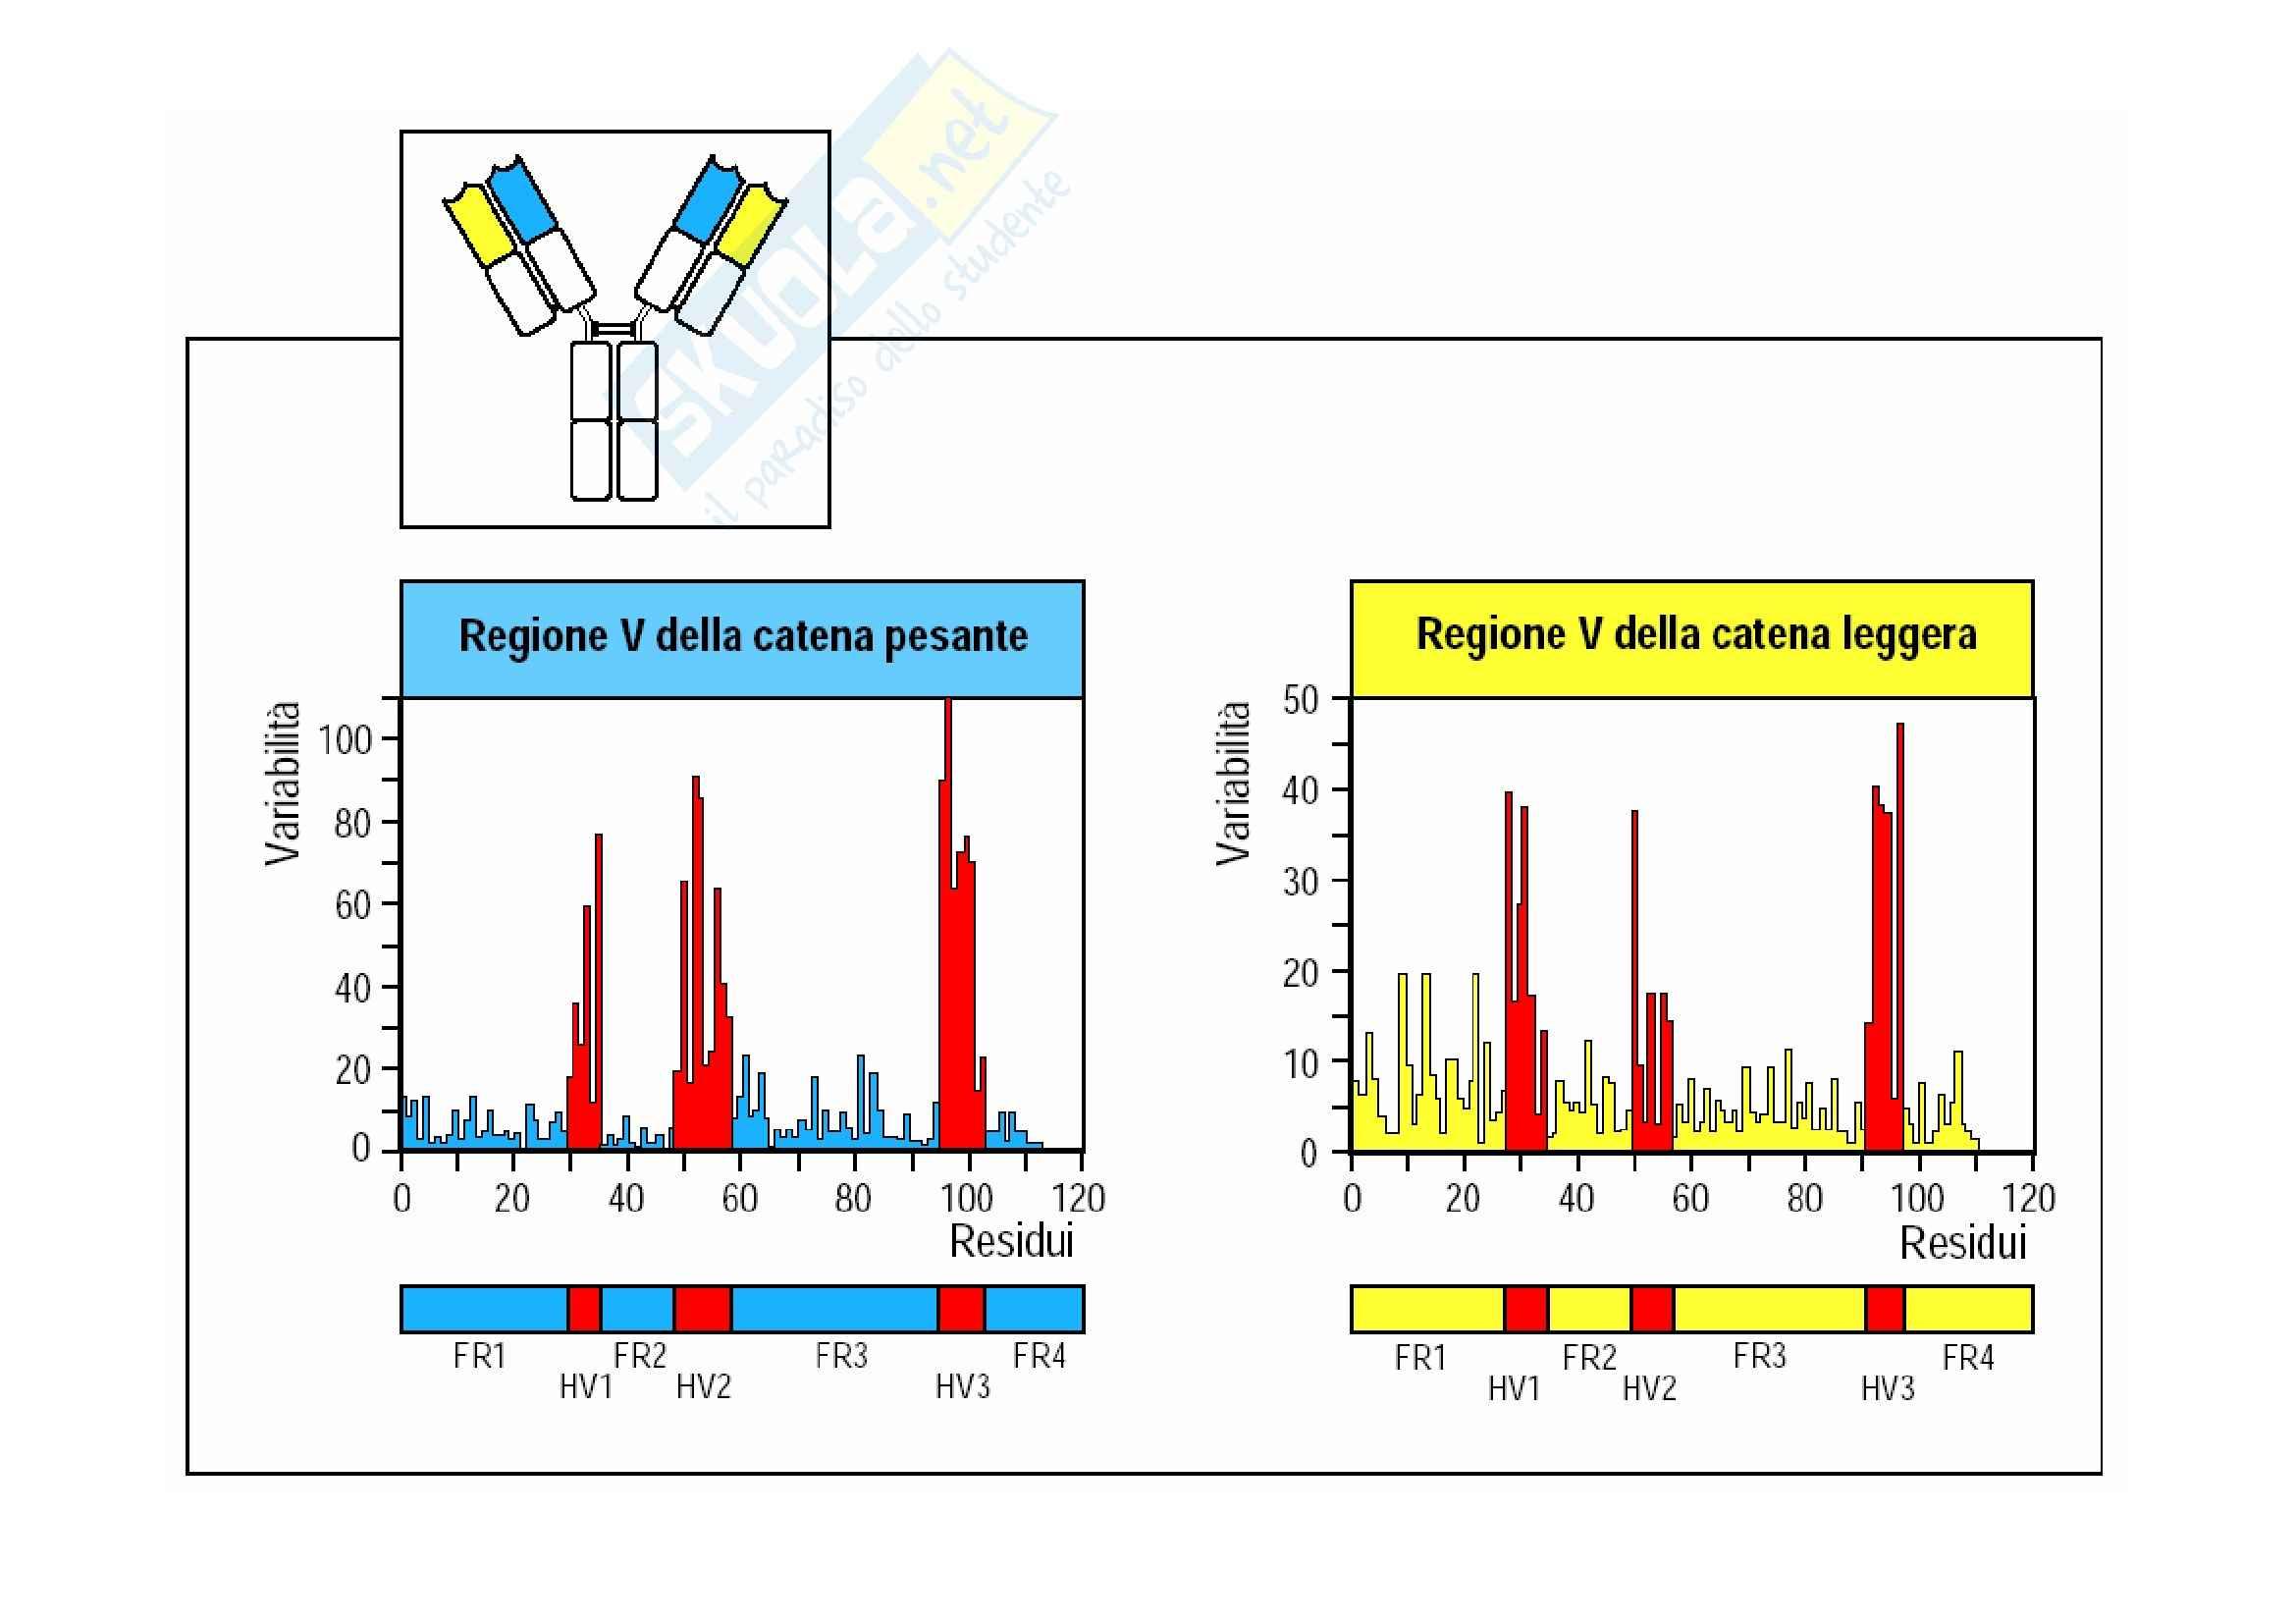 Immunologia - interazione Ag-Ab Pag. 2